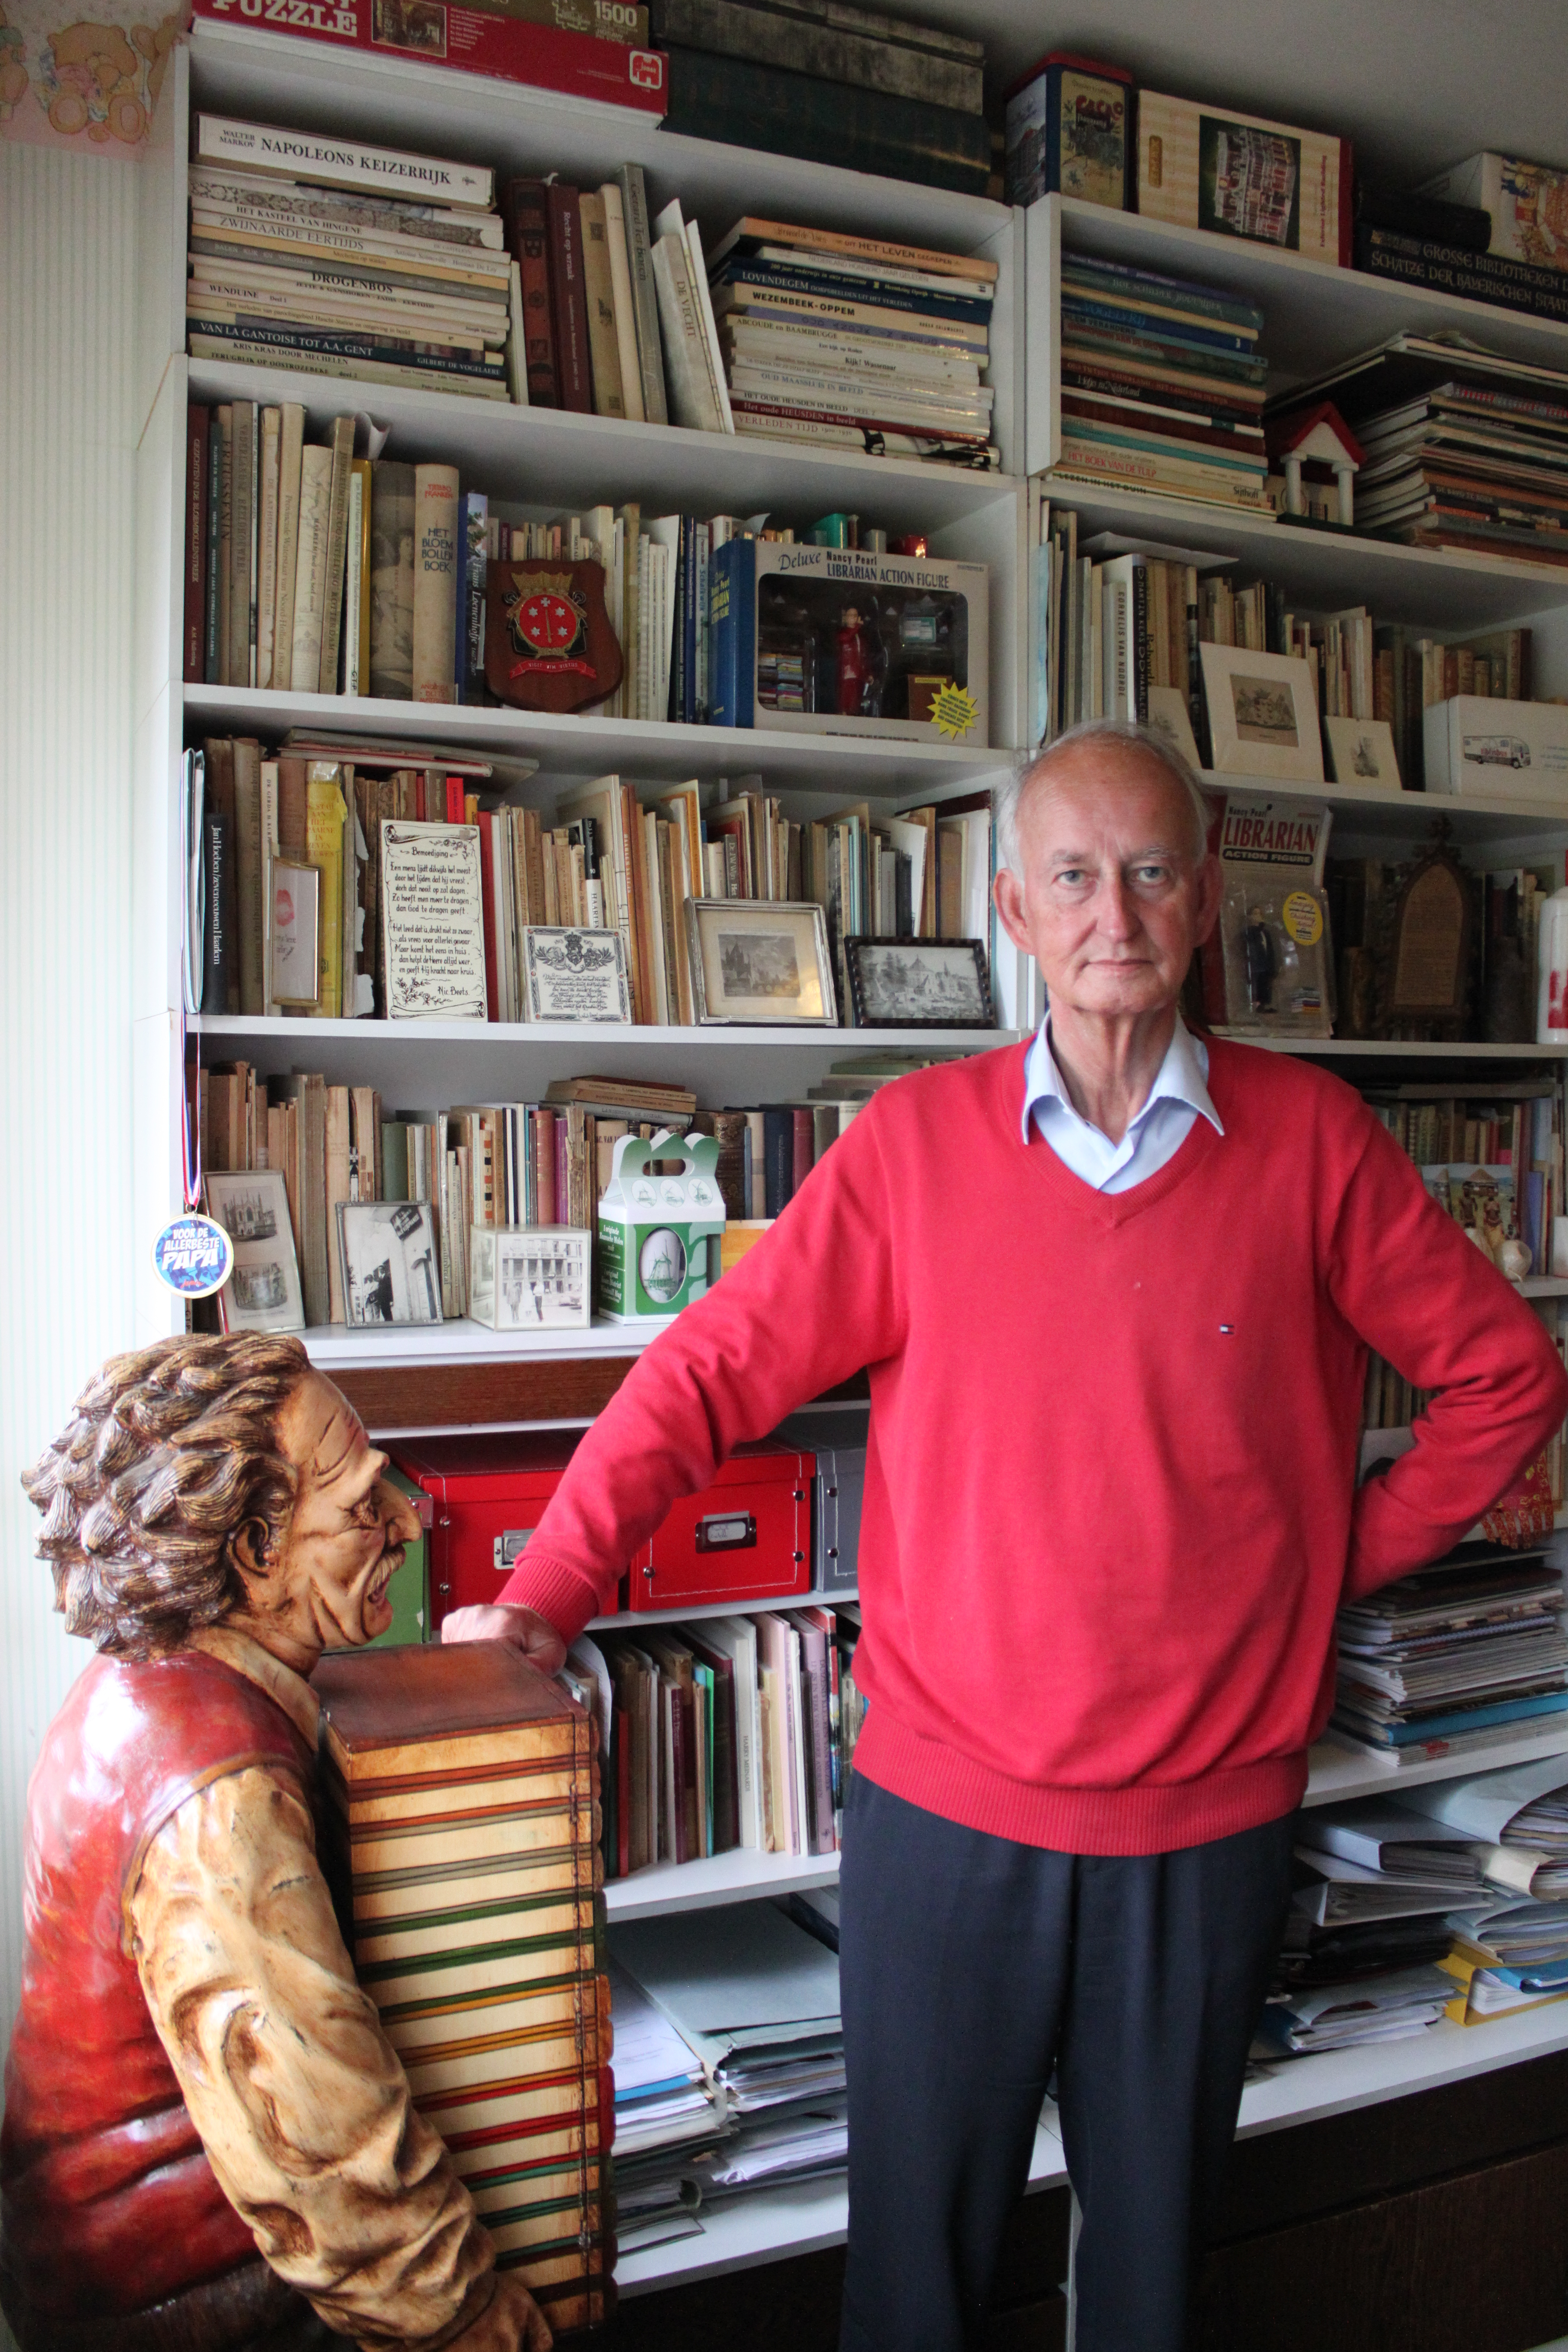 Hans Krol bij sculptuur van de bibliothecaris